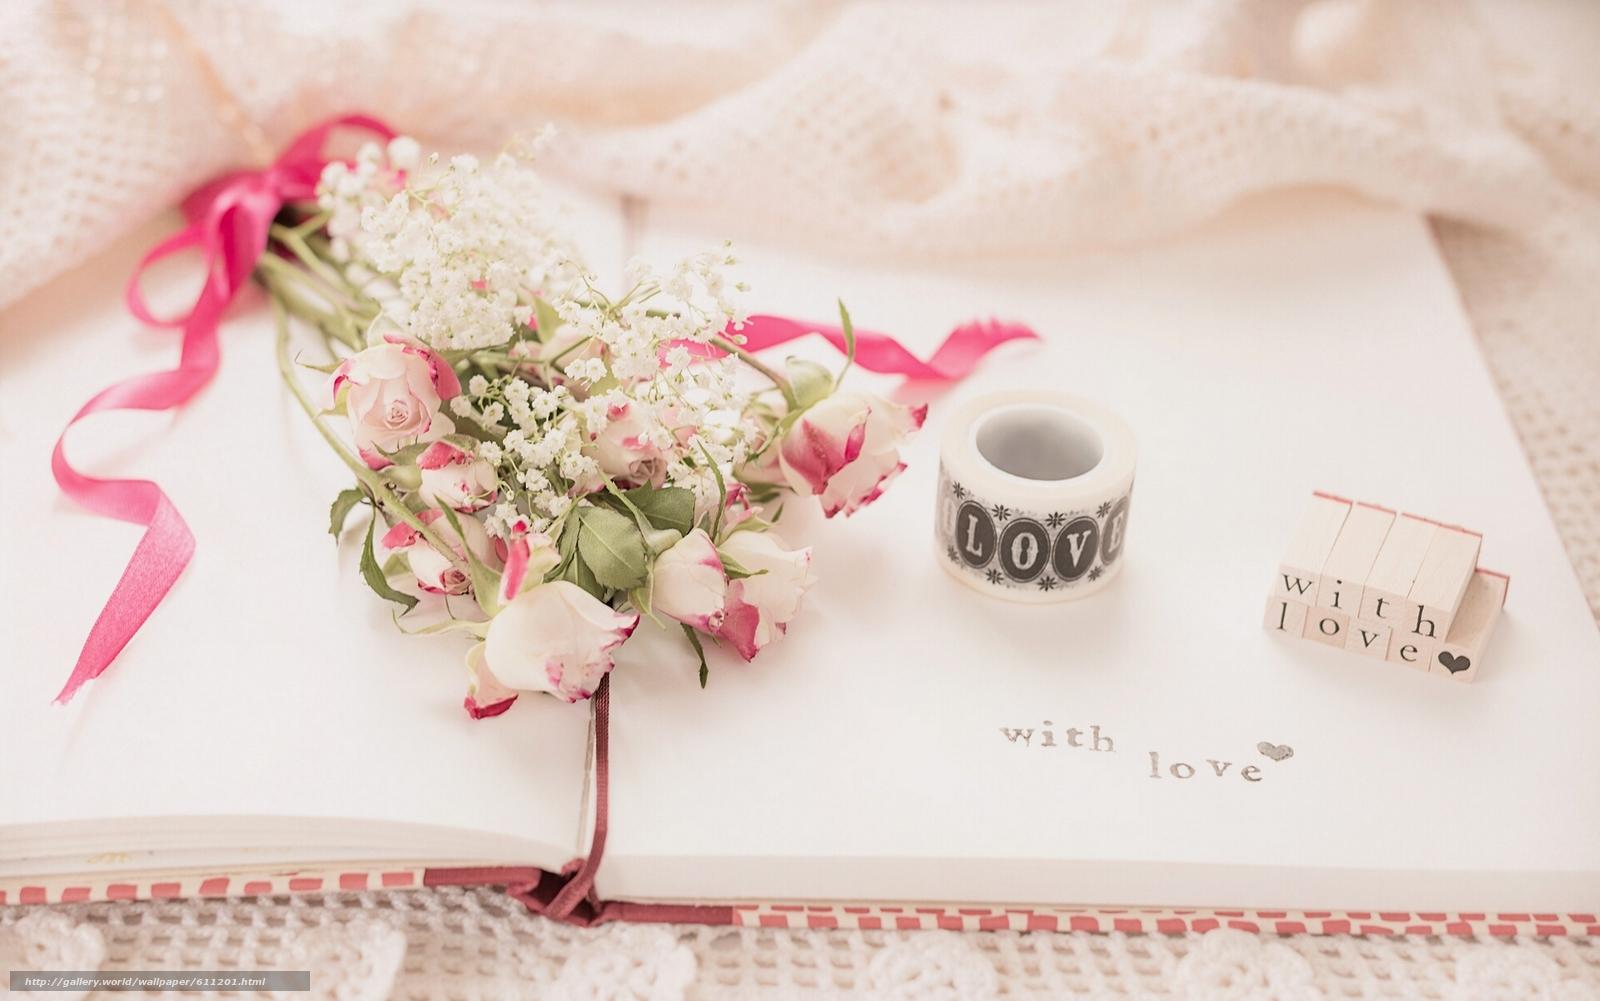 Скачать обои цветы,  букет,  розы,  тетрадь бесплатно для рабочего стола в разрешении 1920x1201 — картинка №611201